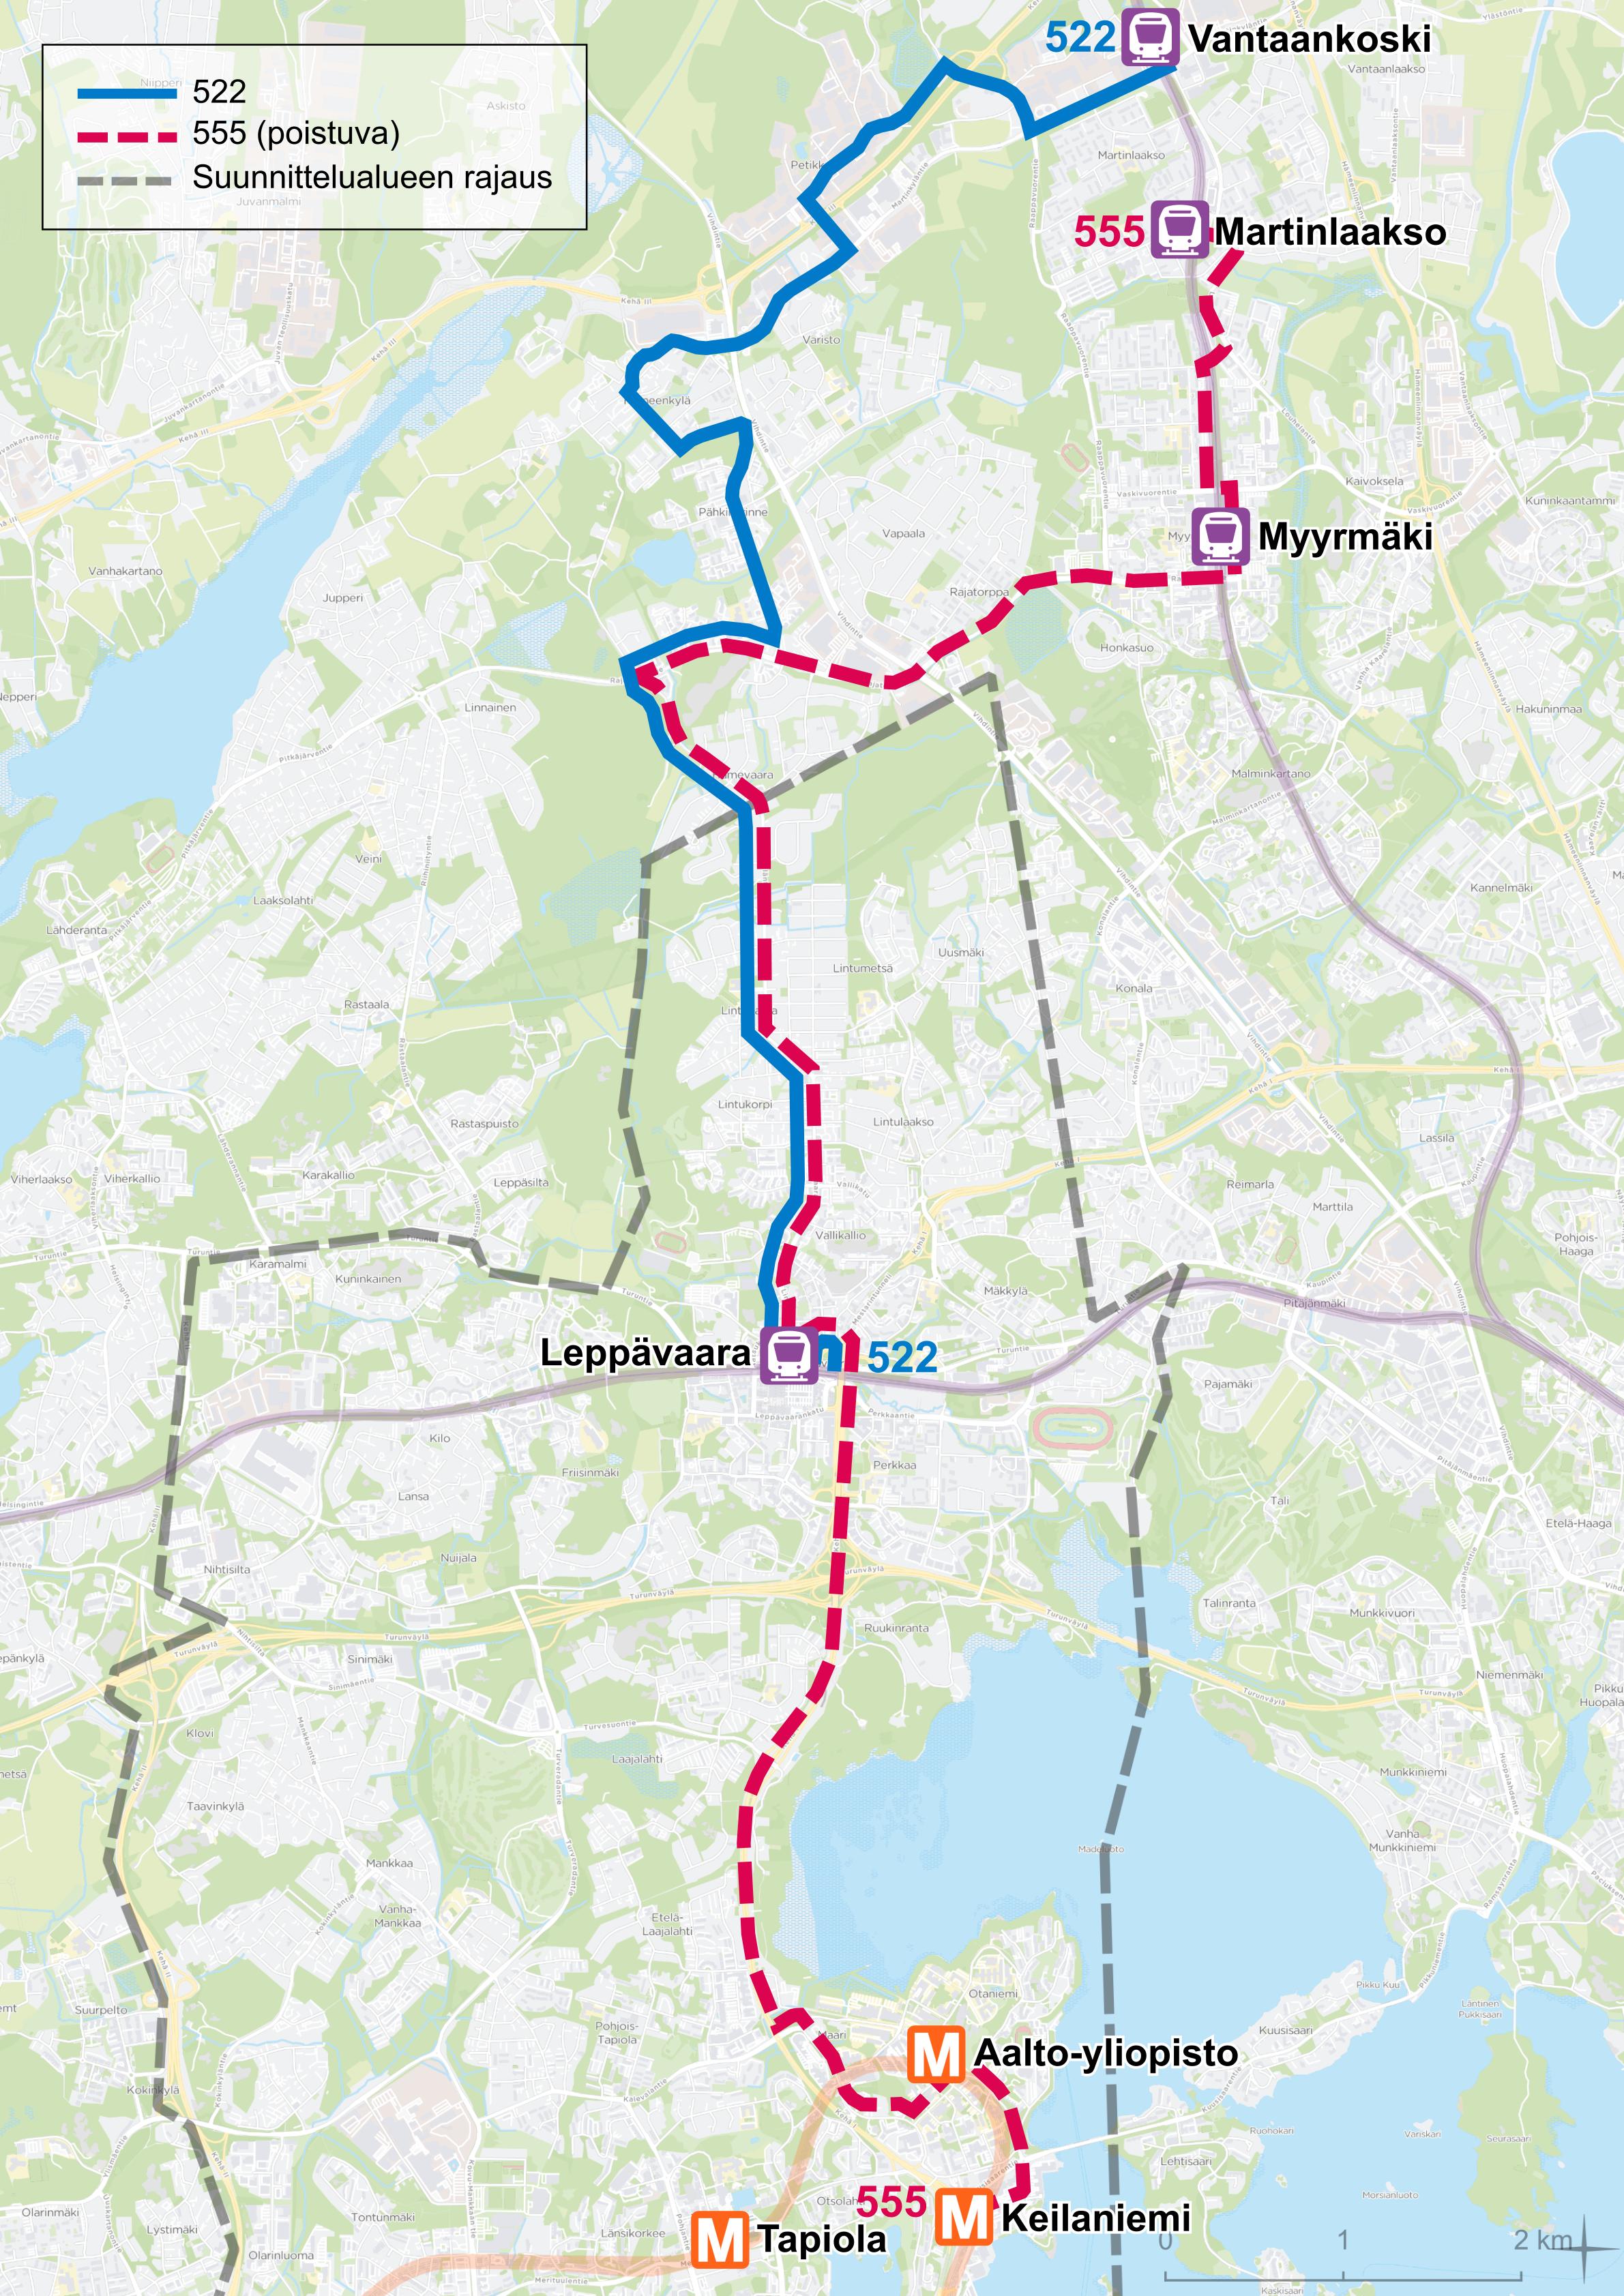 Nykyinen linja 555 korvataan linjalla 522, joka ajaa Espoossa 555B:n reittiä. Pohjoisessa linja ajaa Vantaankoskelle Pähkinärinteen kautta.